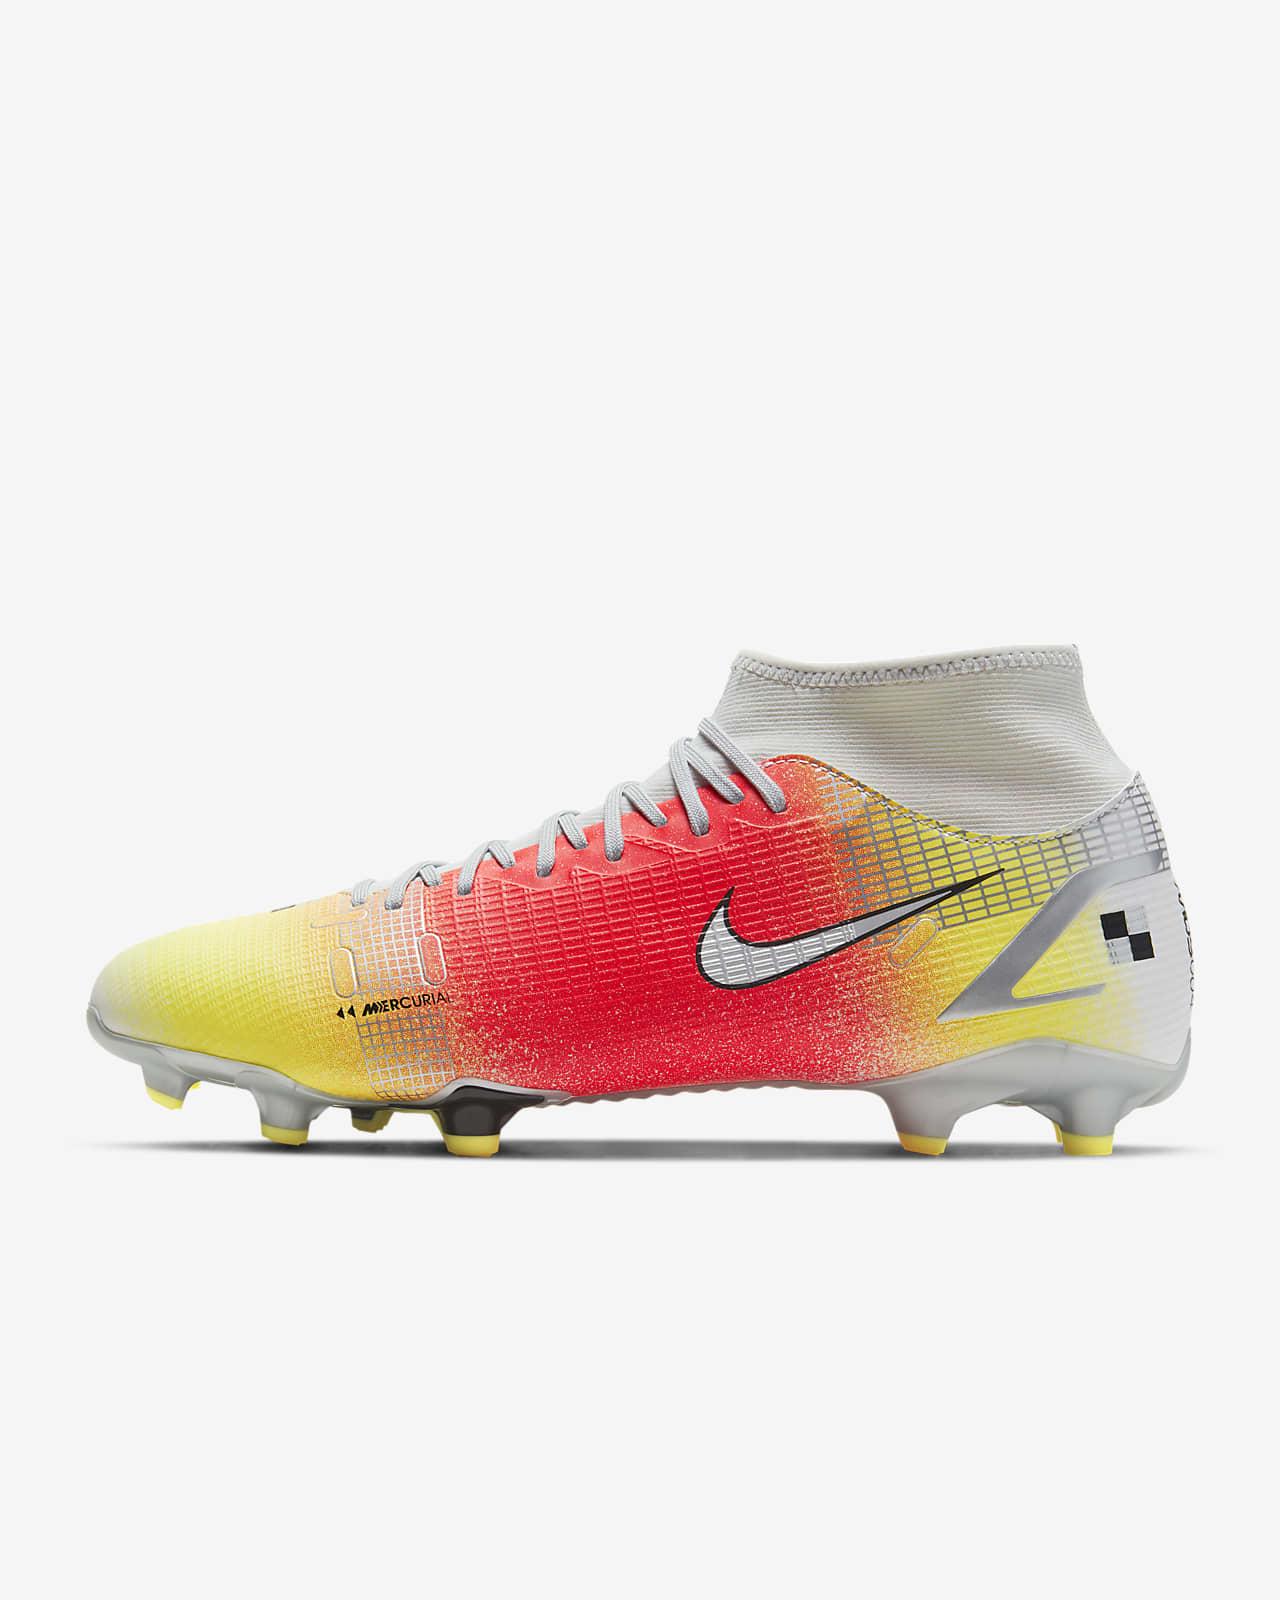 Nike Mercurial Dream Speed Superfly 8 Academy MG Fußballschuh für verschiedene Böden